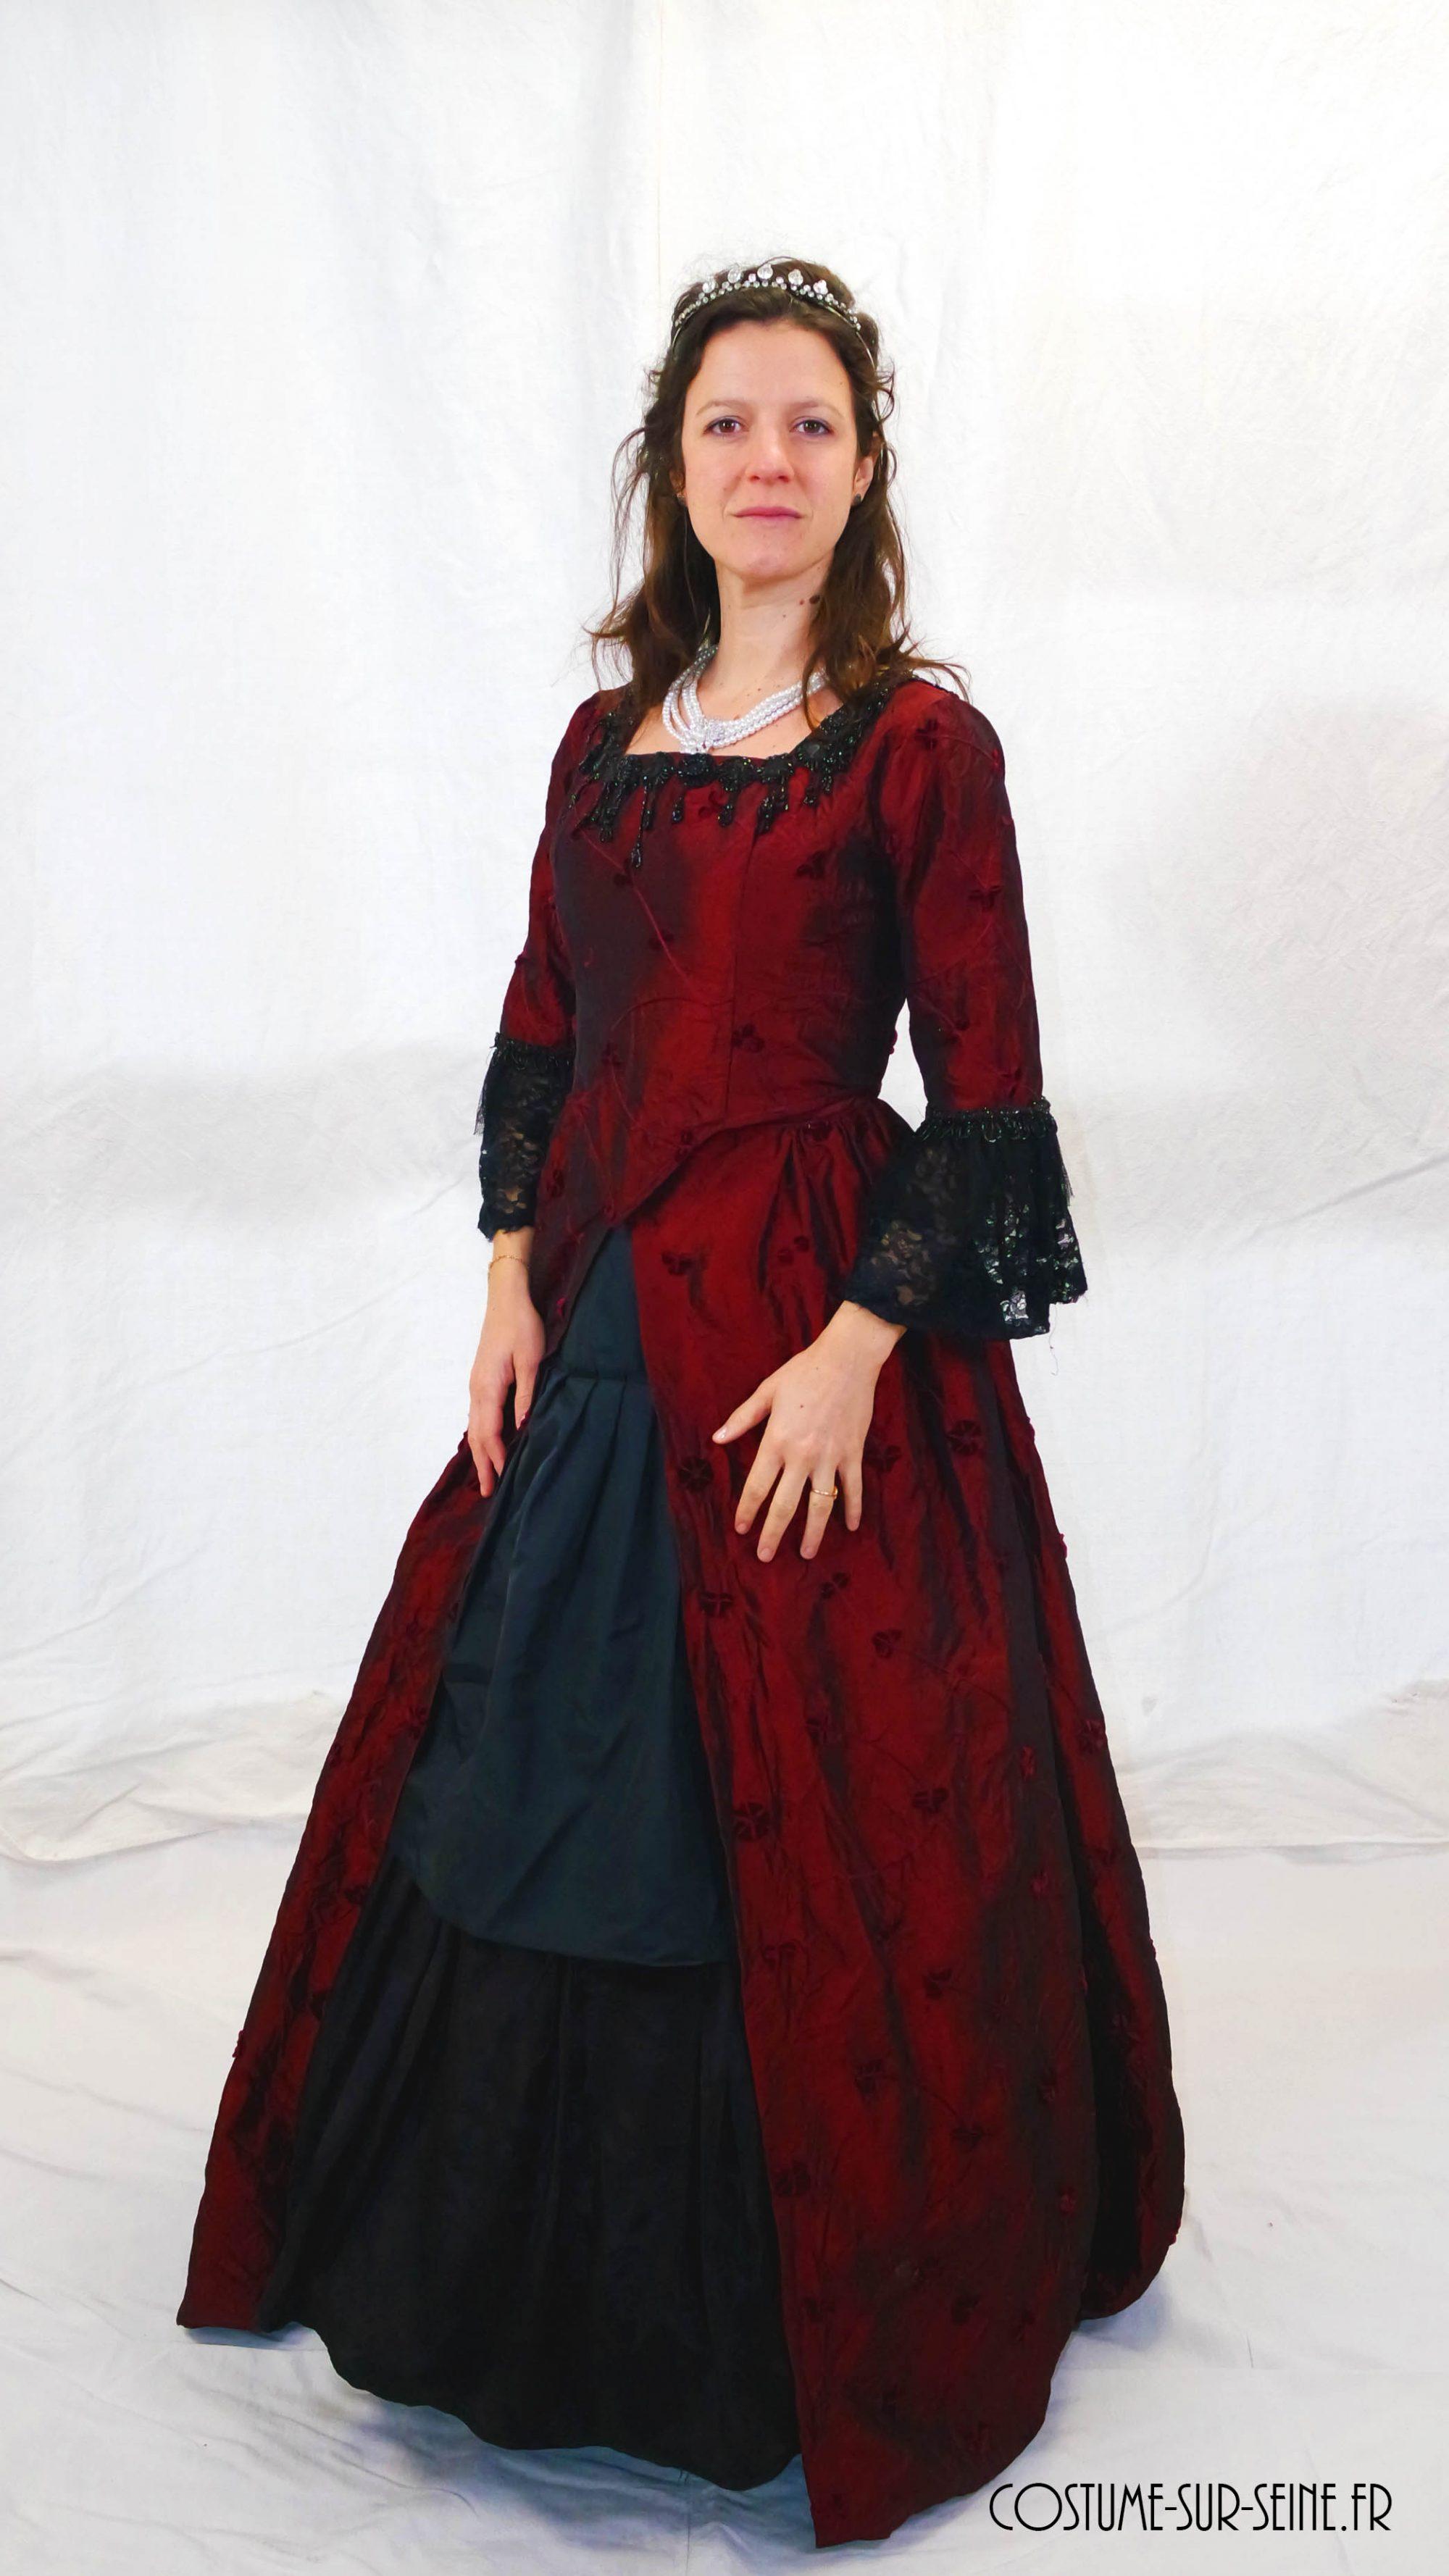 robe XVIIIe rouge et noir